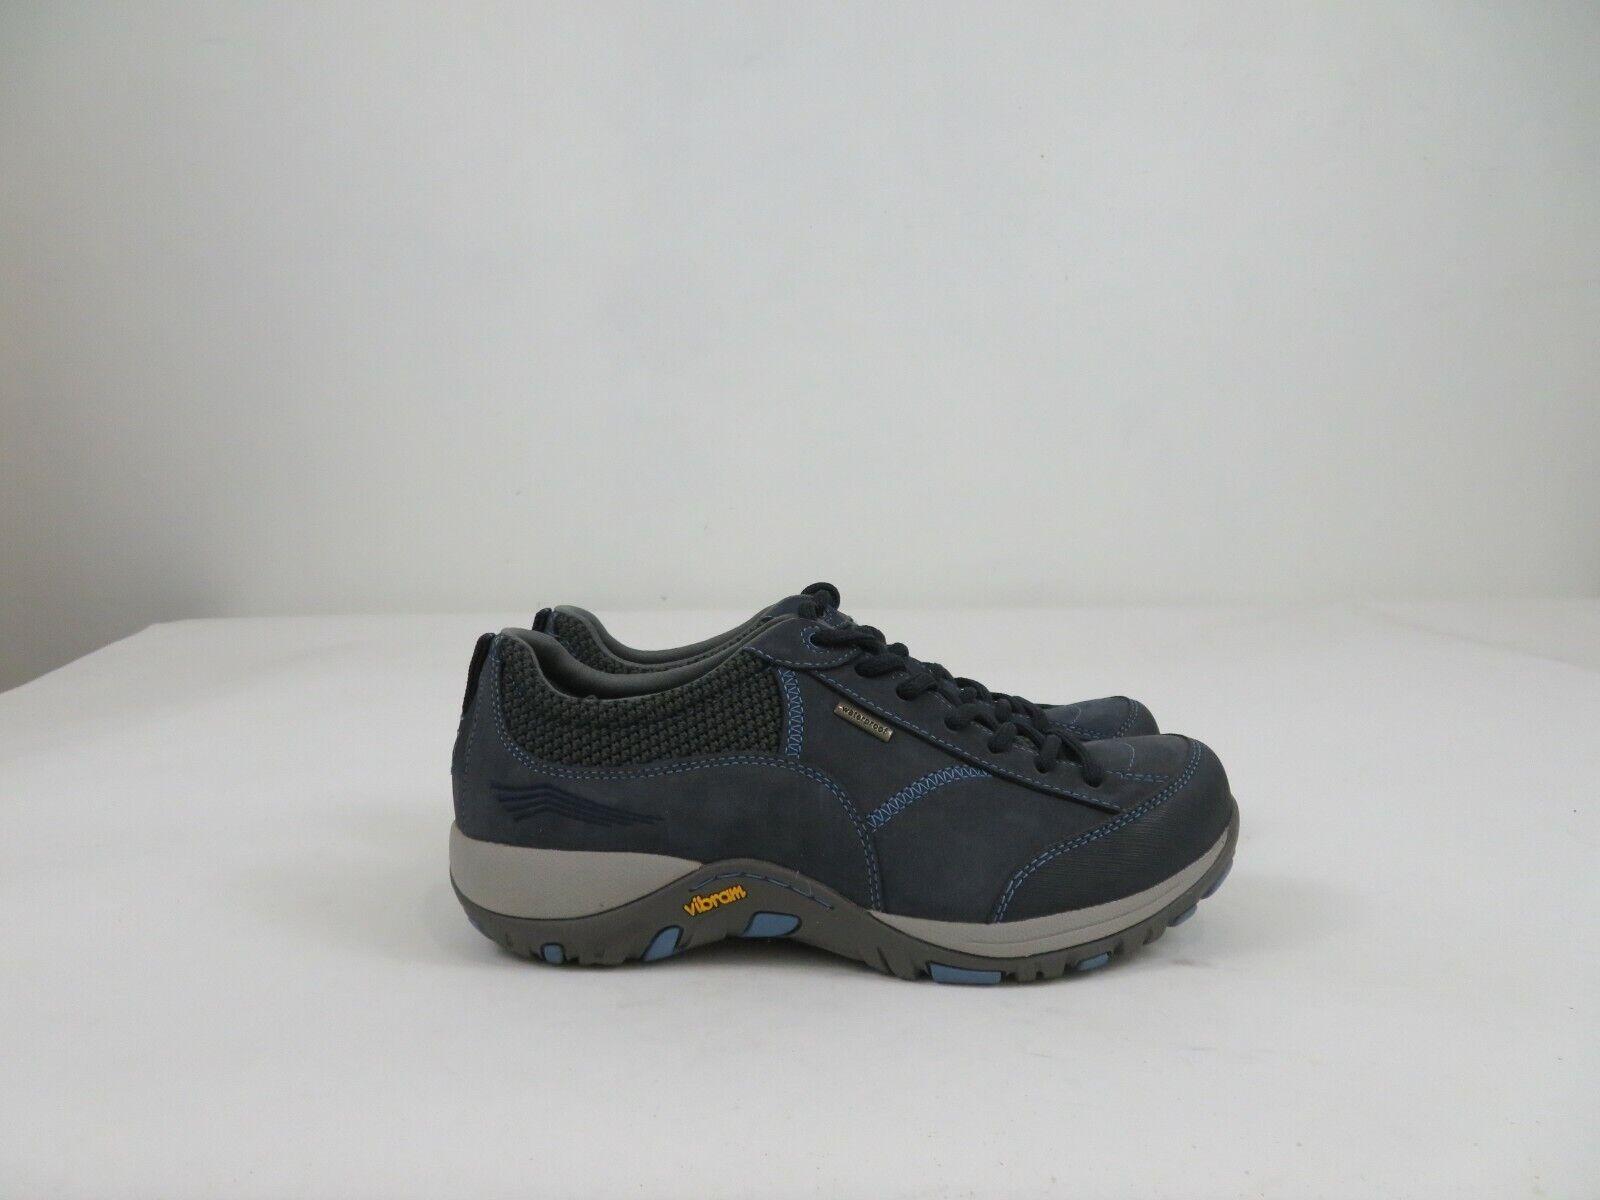 Dansko Paisley Chaussures De Randonnée Imperméable Vibram daim bleu femme 37 US 6.5-7